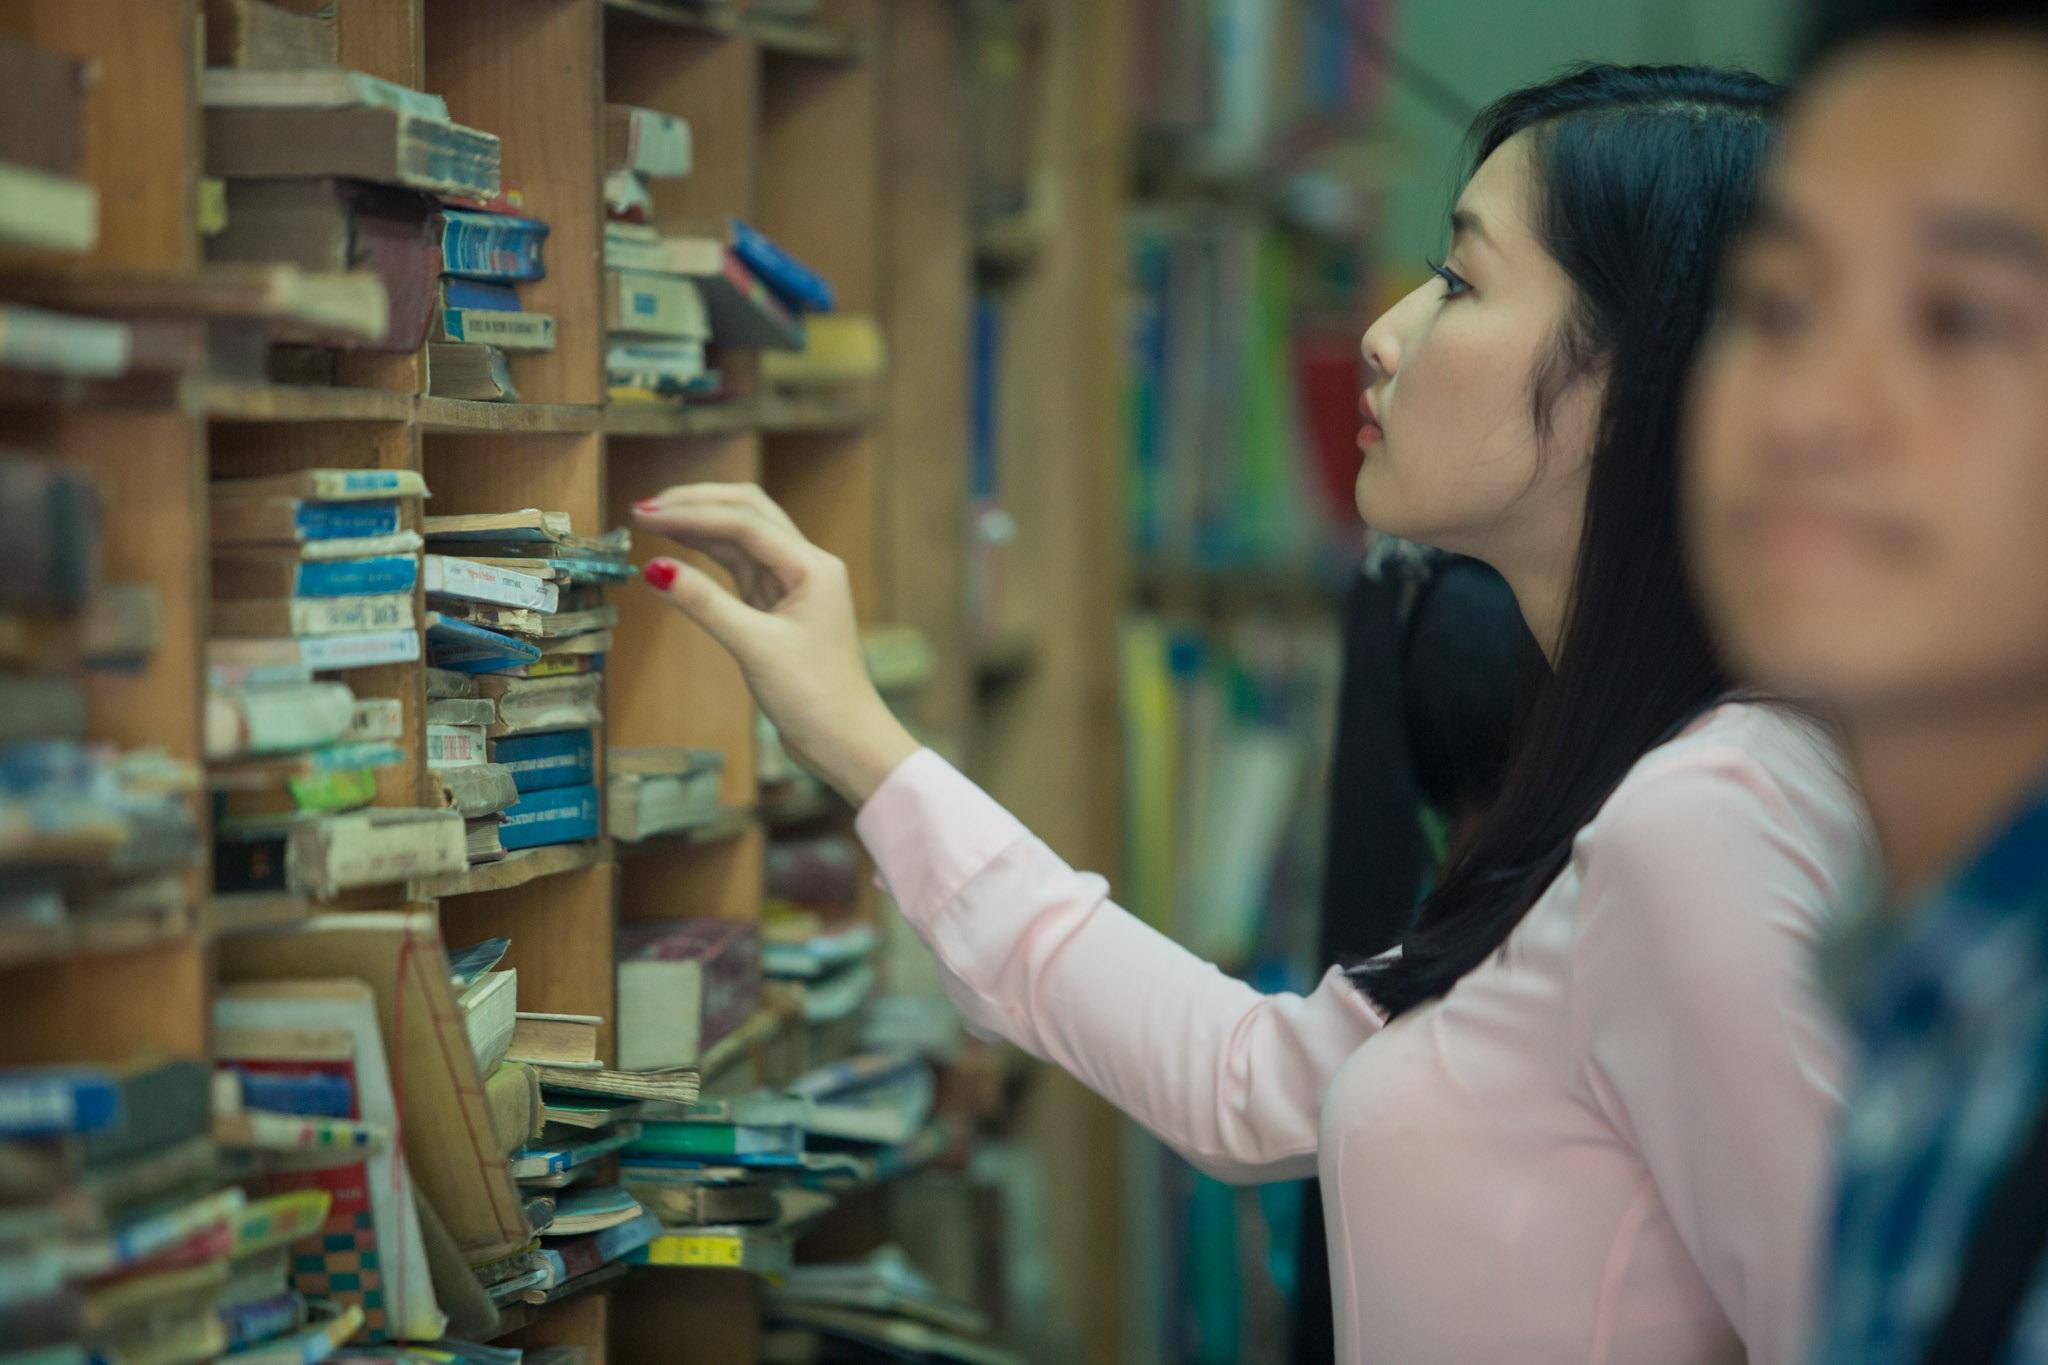 Triệu Thị Hà cho biết nhìn thấy nhiều người đến ủng hộ chủ tiệm,